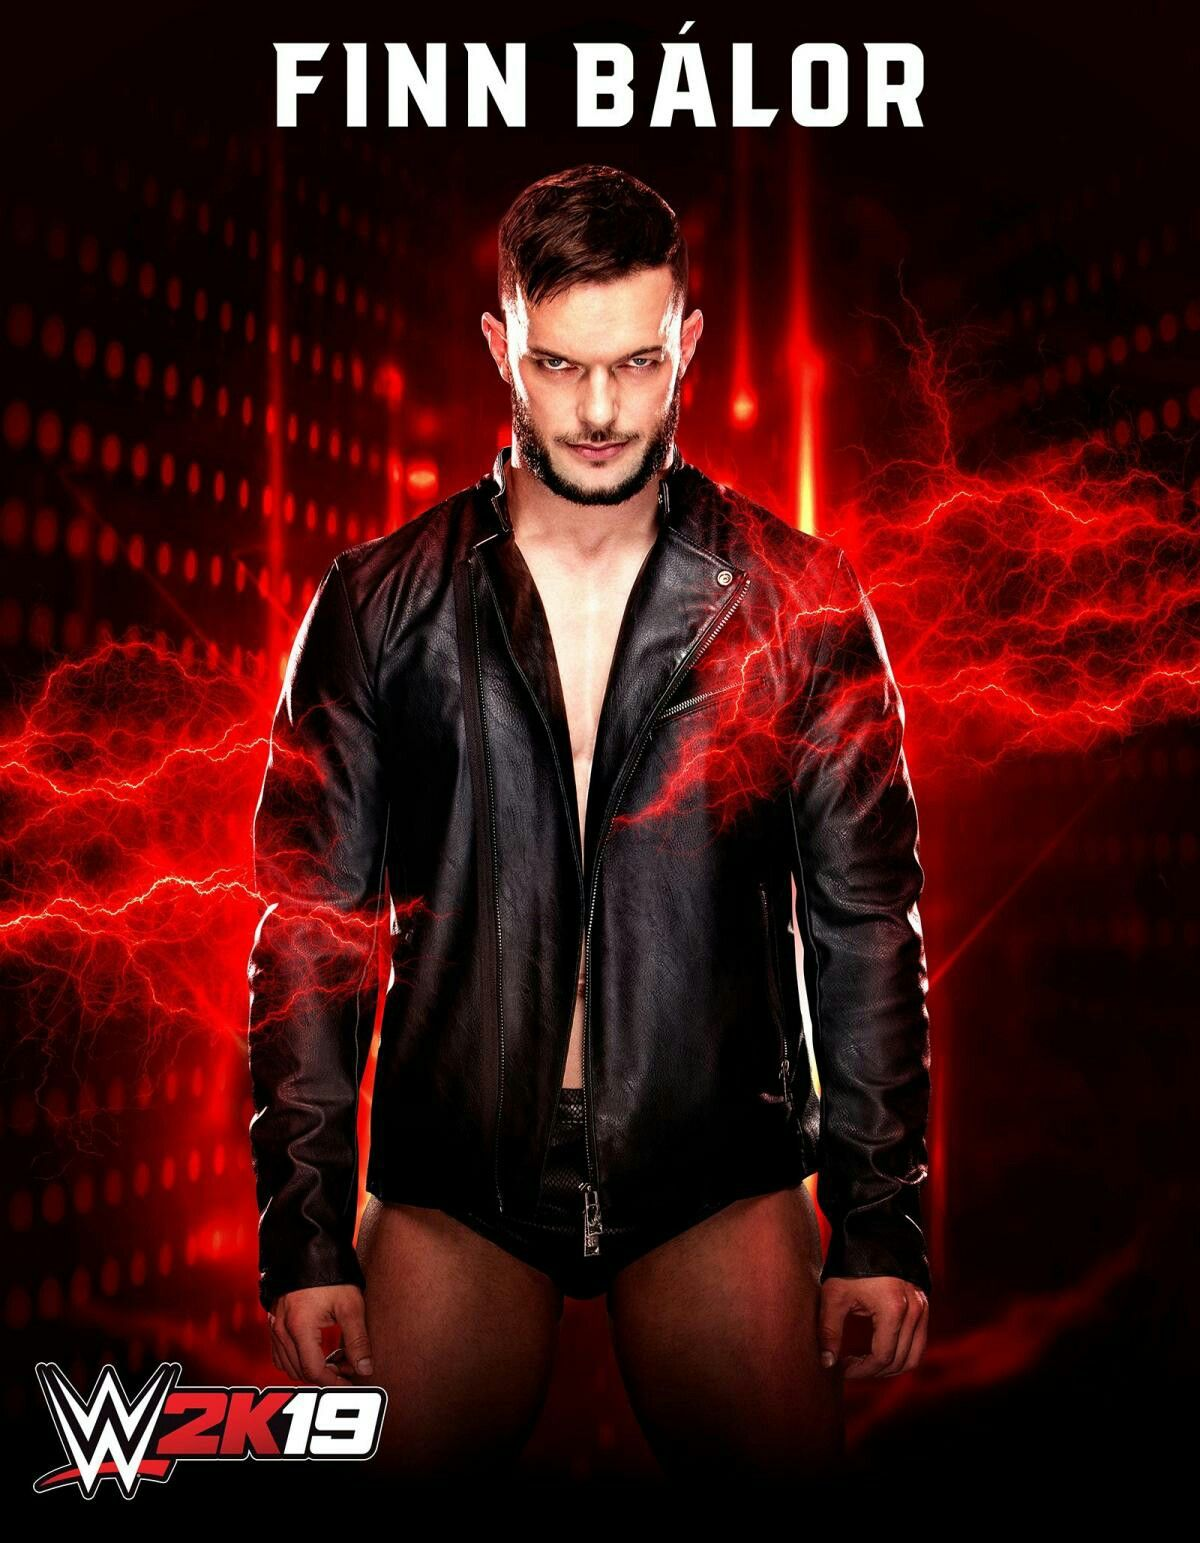 WWE 2k19 Finn Bálor | Finn Bàlor | Finn balor, Wwe